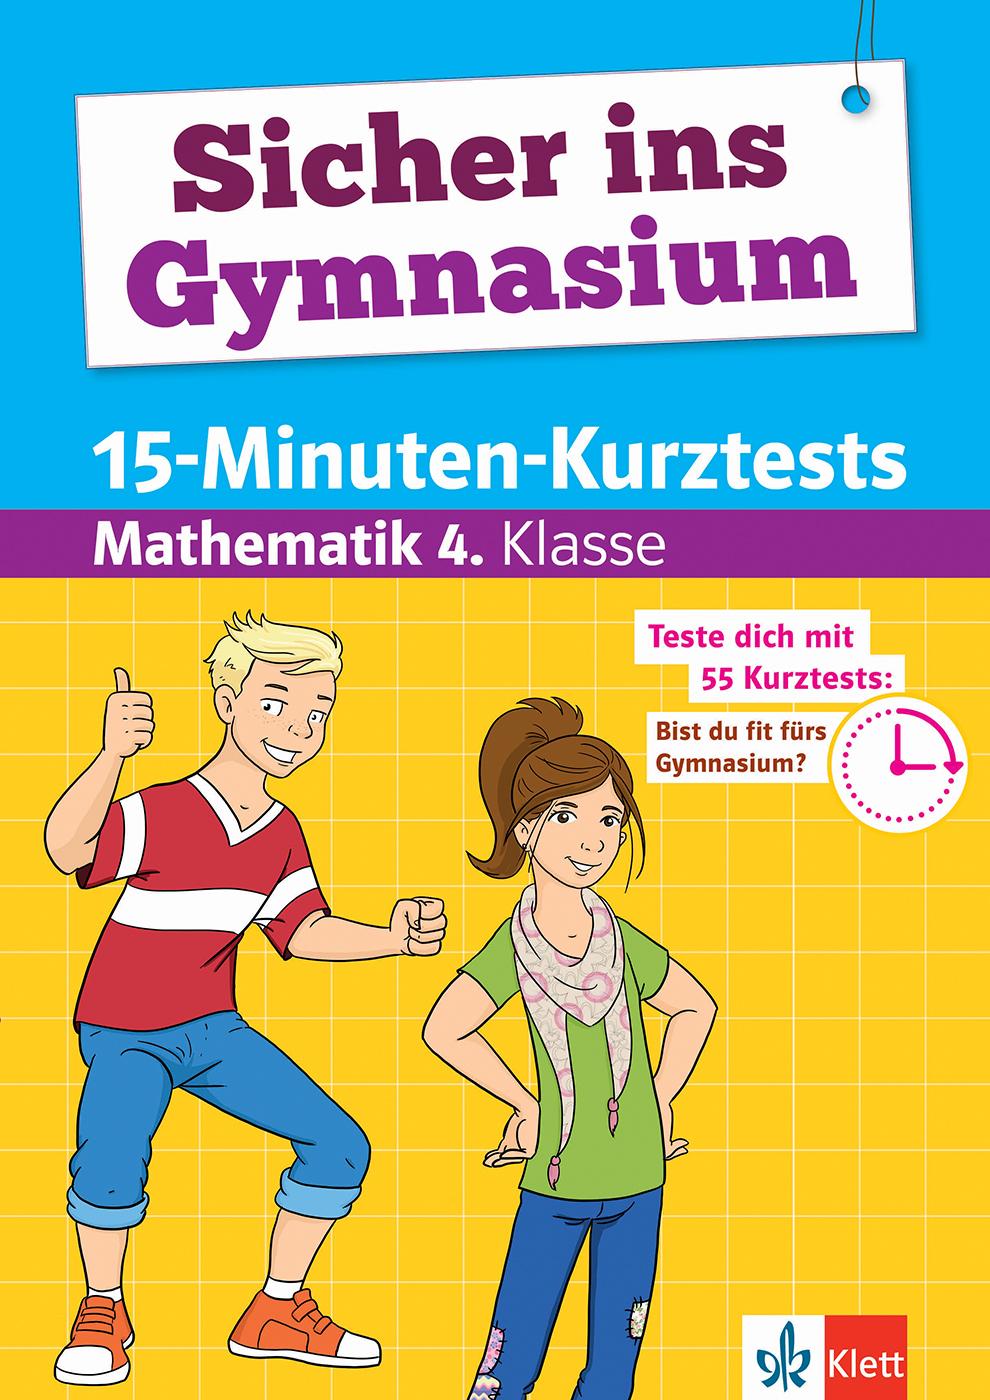 Klett Sicher Ins Gymnasium 15-Minuten-Kurztests Mathematik 4 über Mathe Online Lernen 5 Klasse Gymnasium